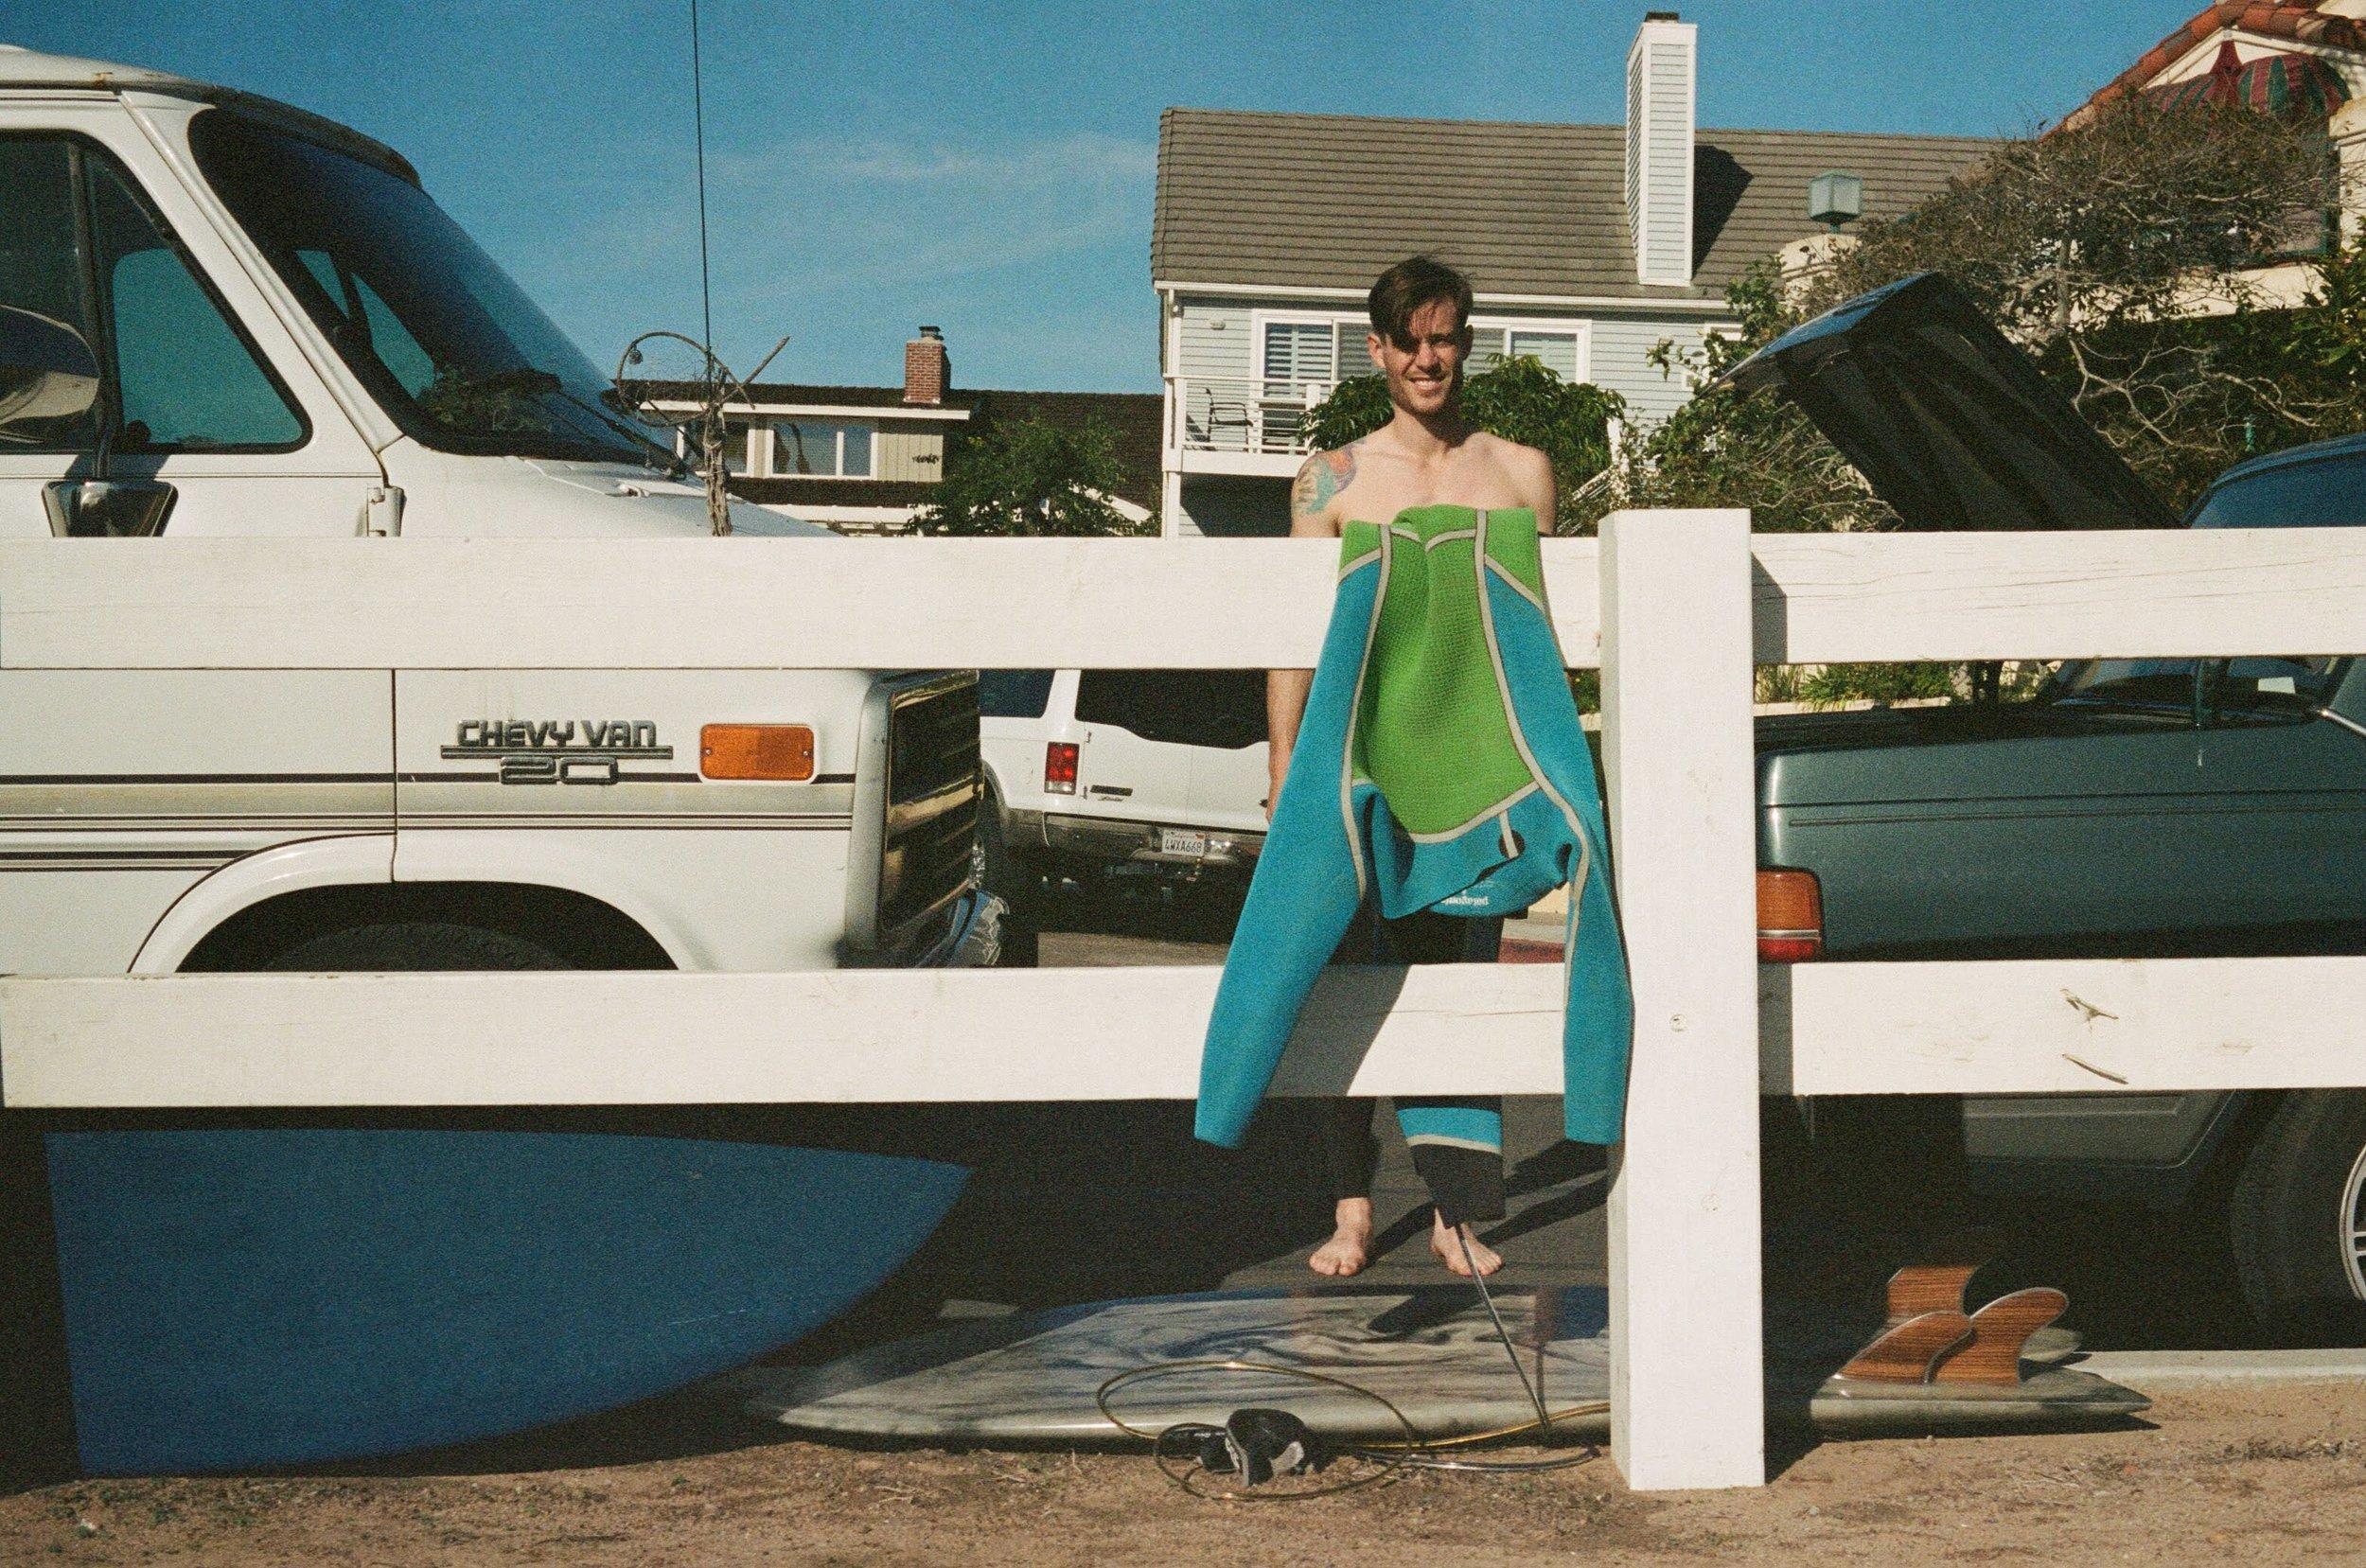 The volvo. (Ocean Beach, California)